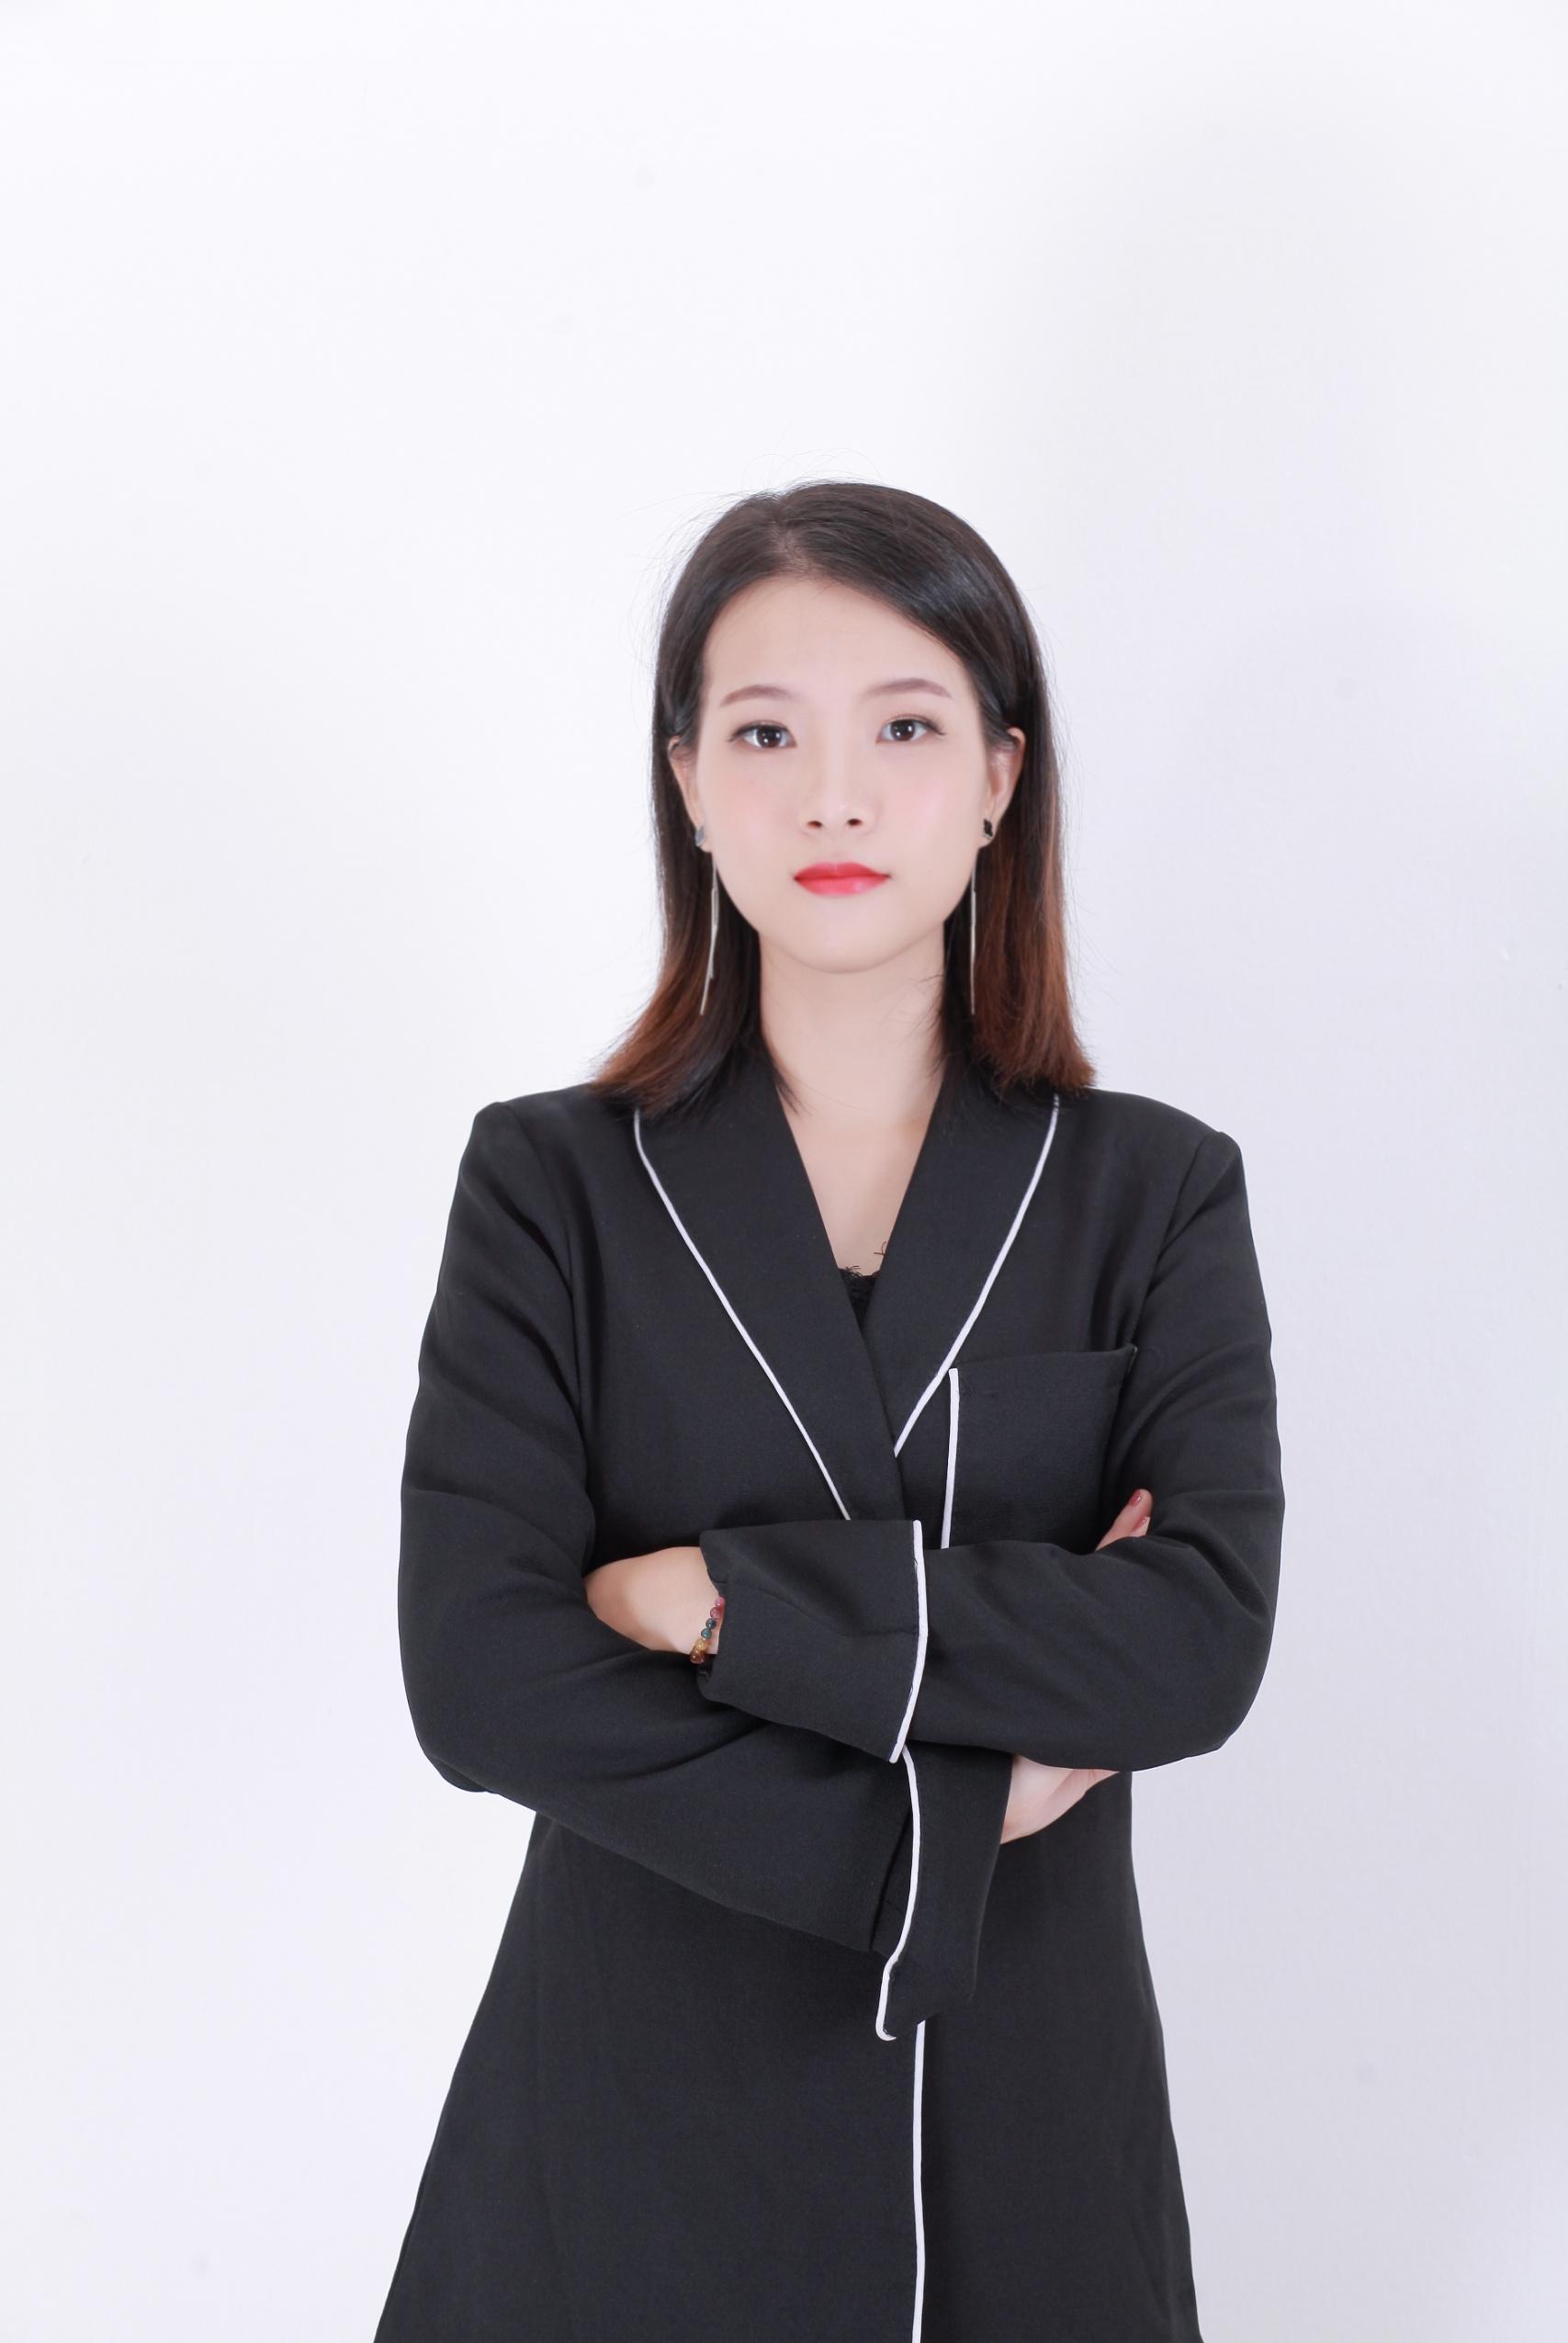 诗颖网络创业微营销